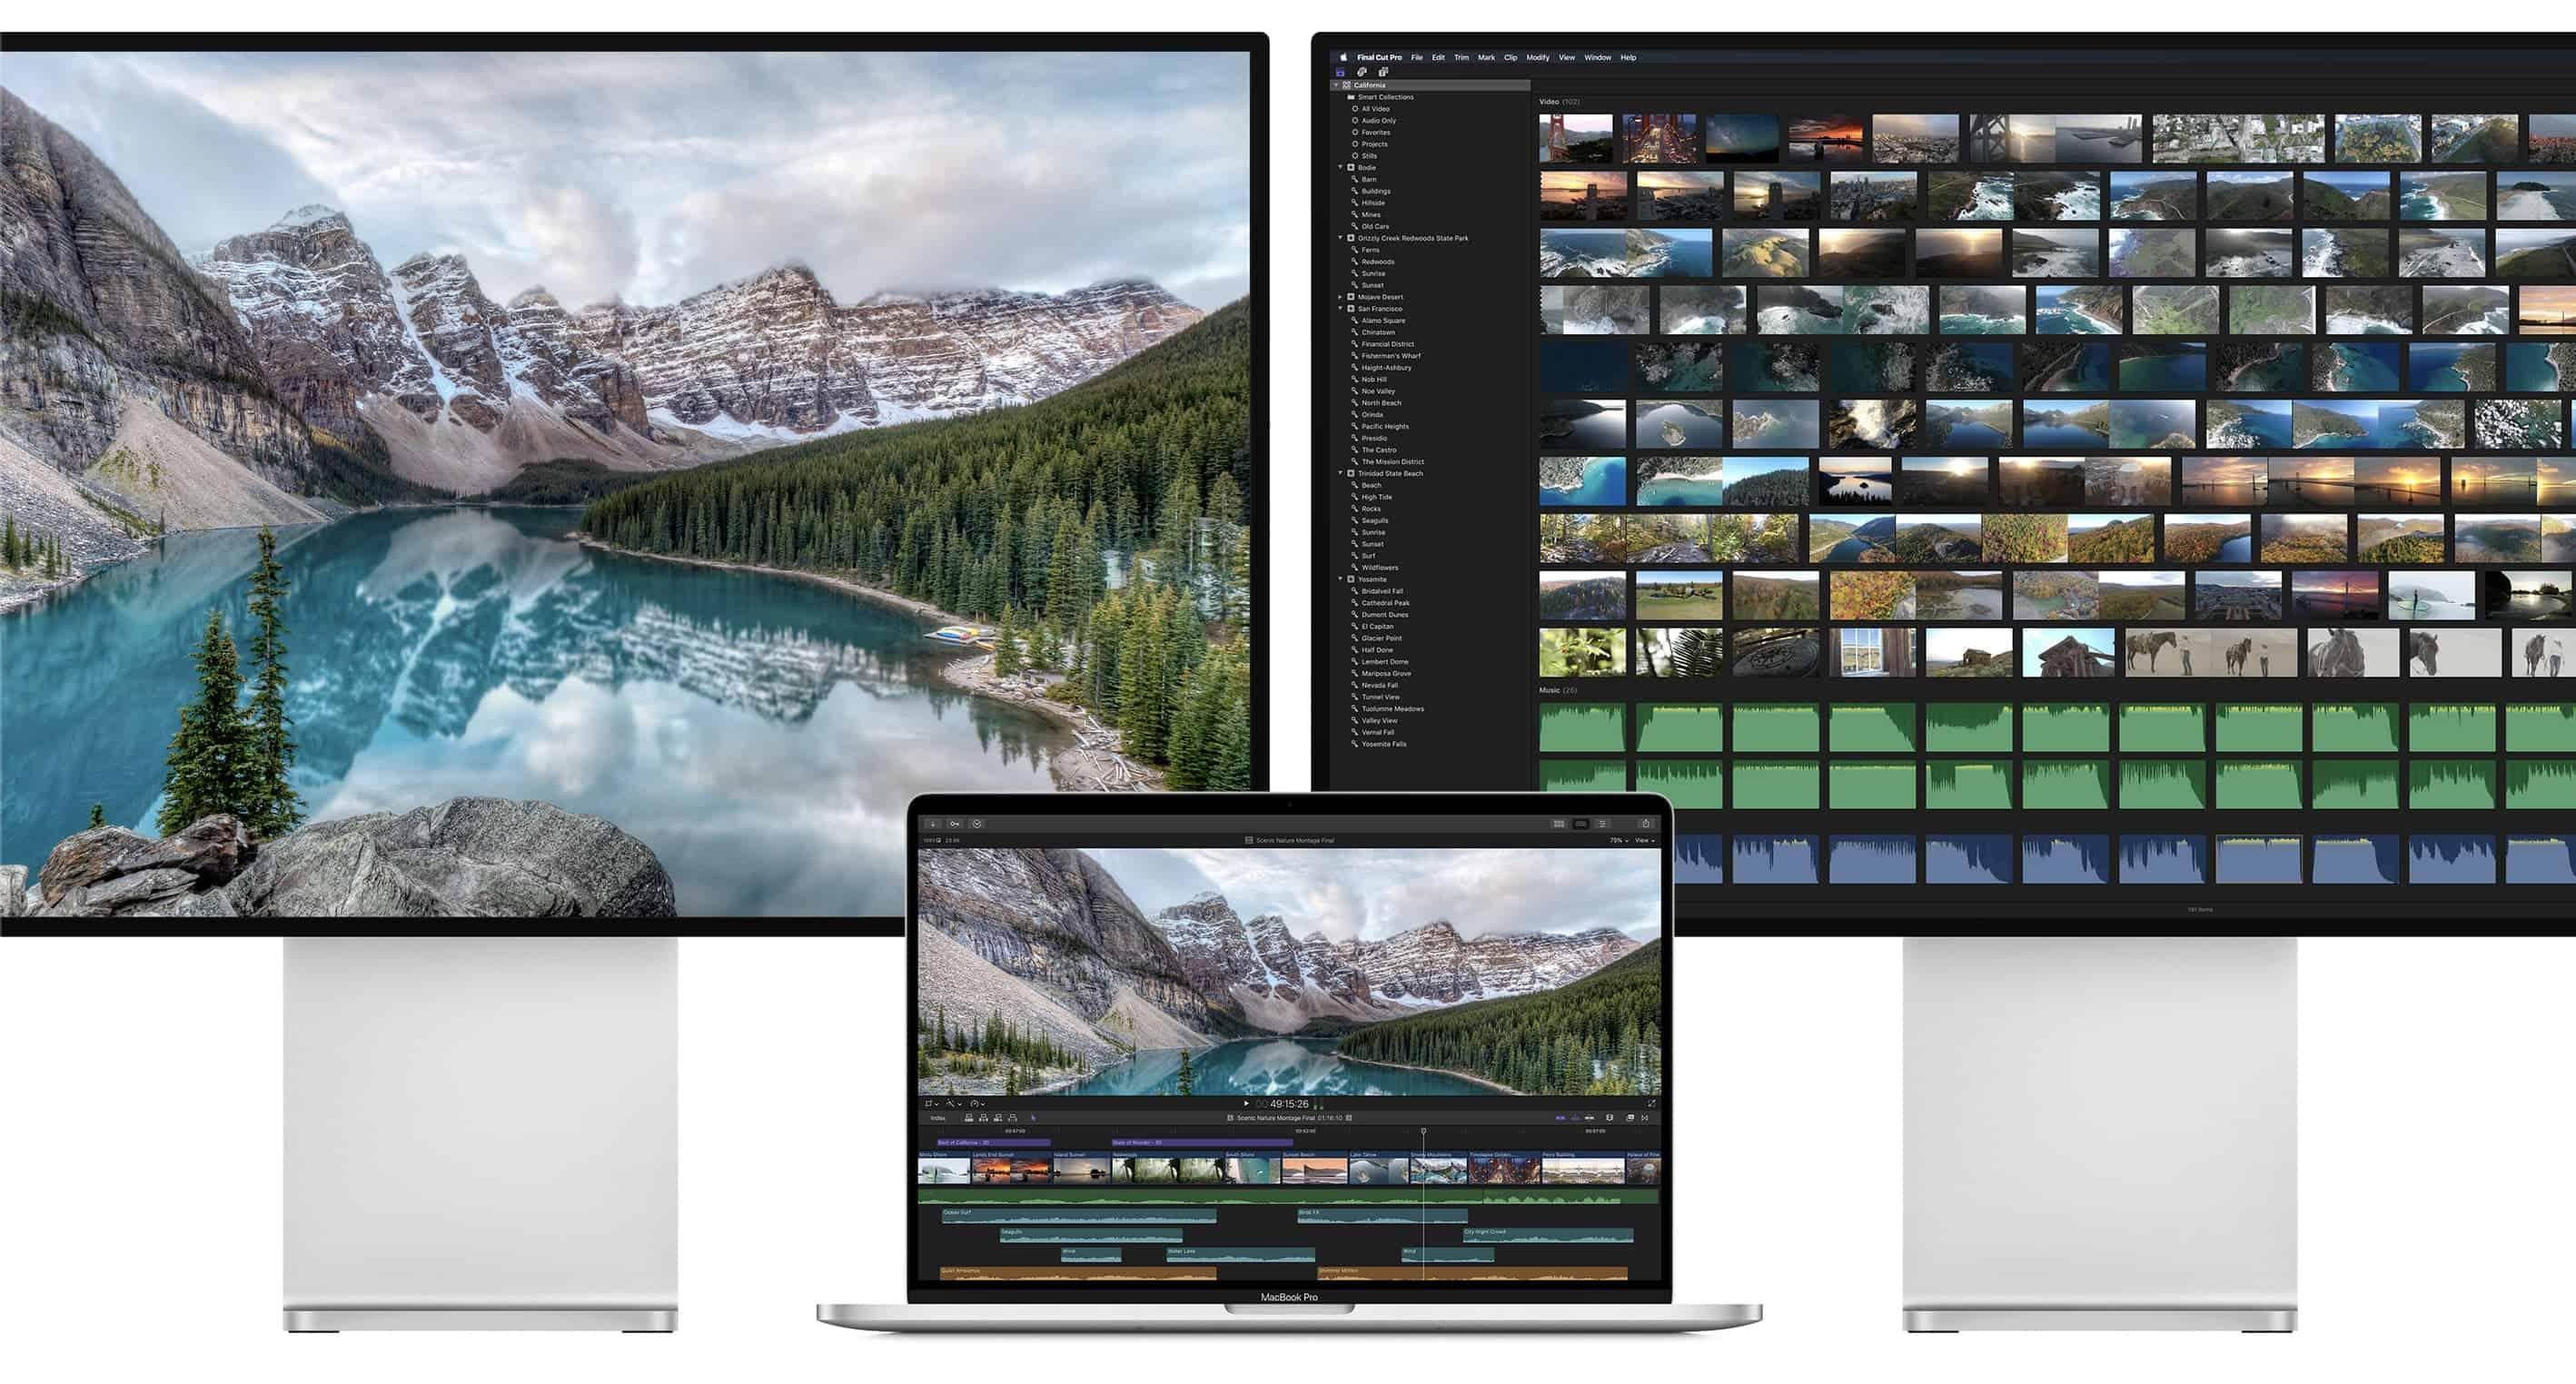 Laptopvang.com Cổng Thunderbolt 3 trên MacBook Pro 16 inch có thể xuất ra 2 màn HDR 6K